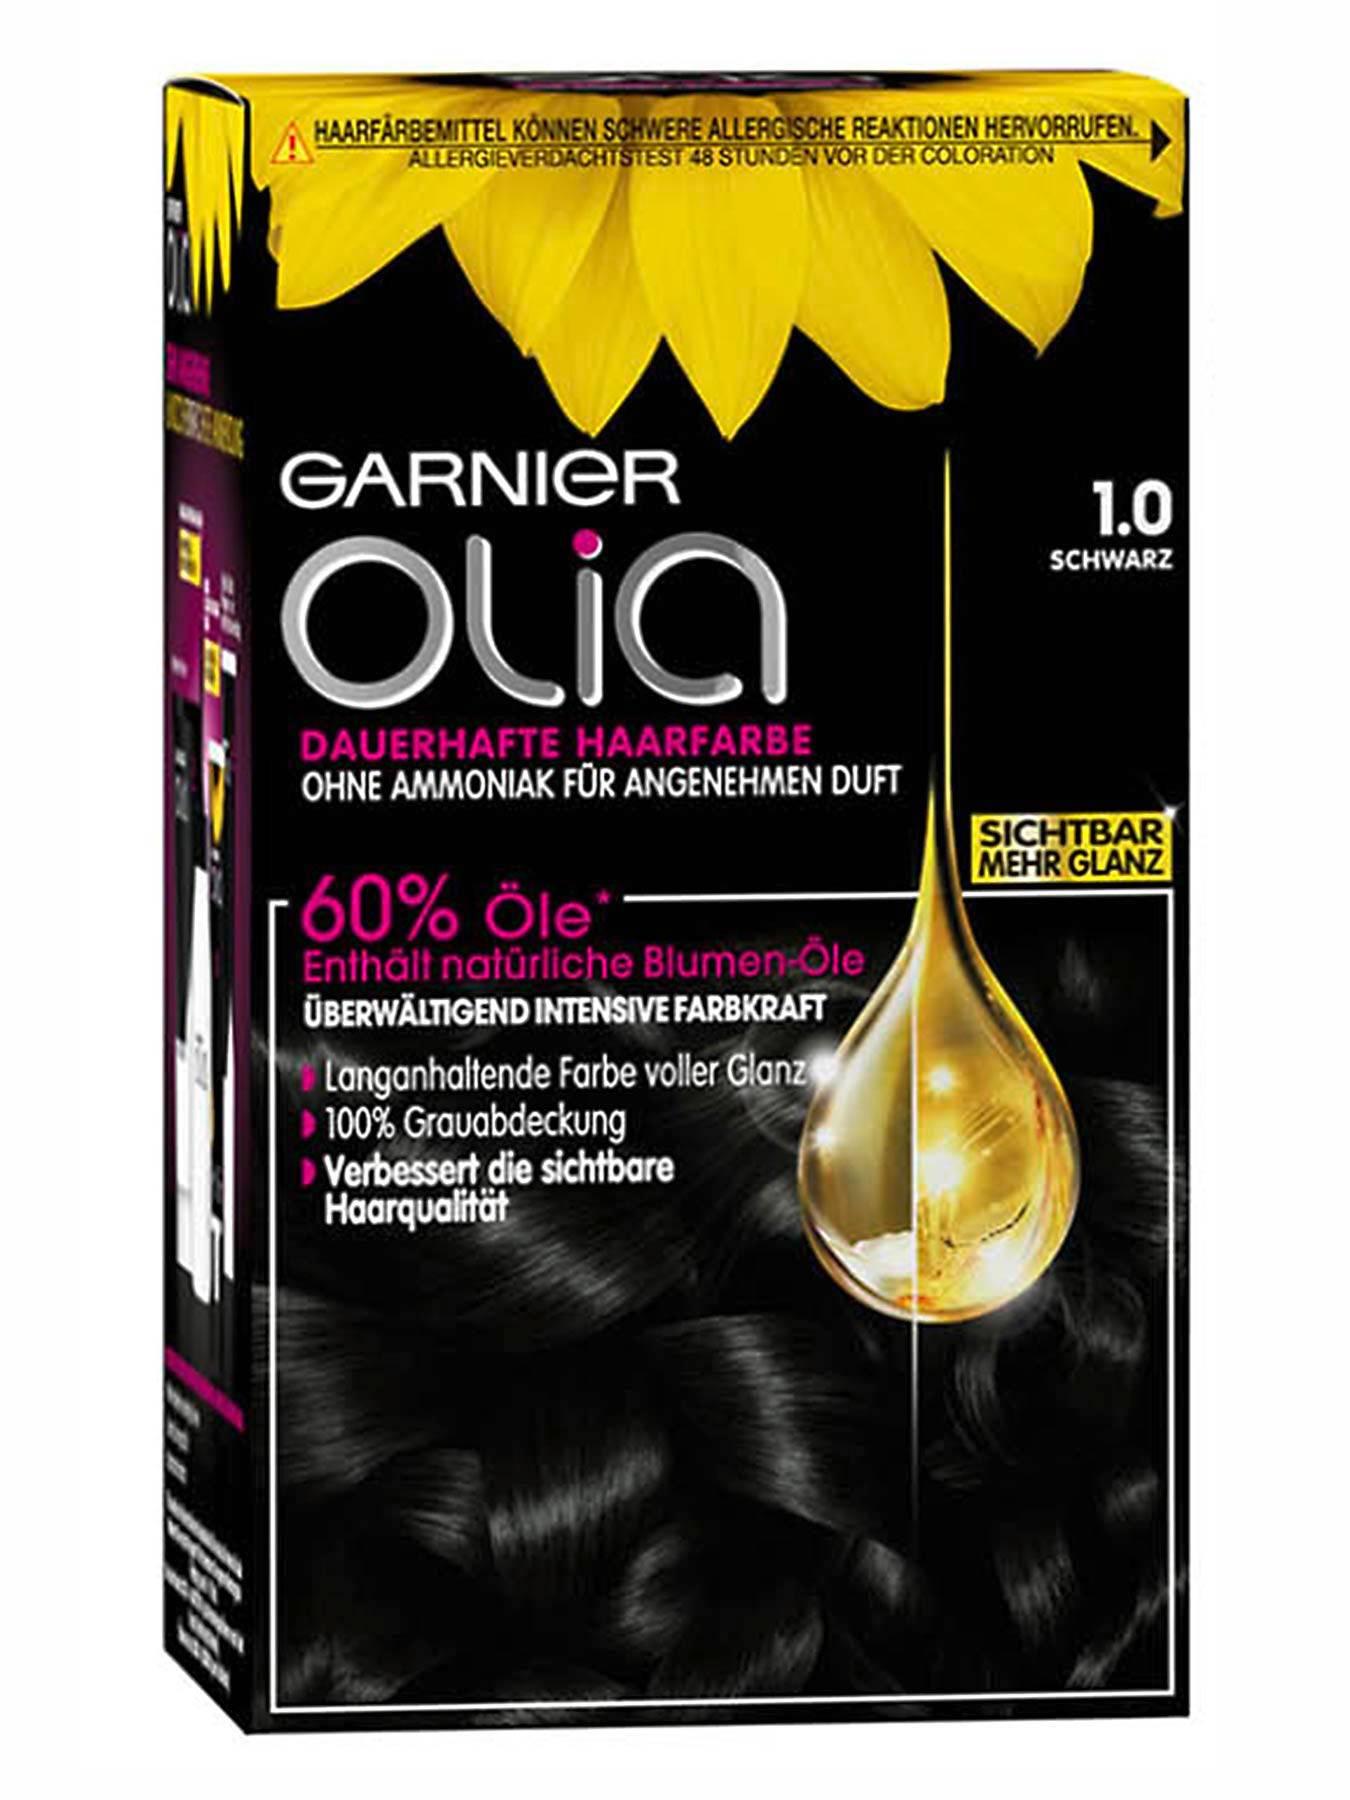 Garnier haarfarben ohne ammoniak